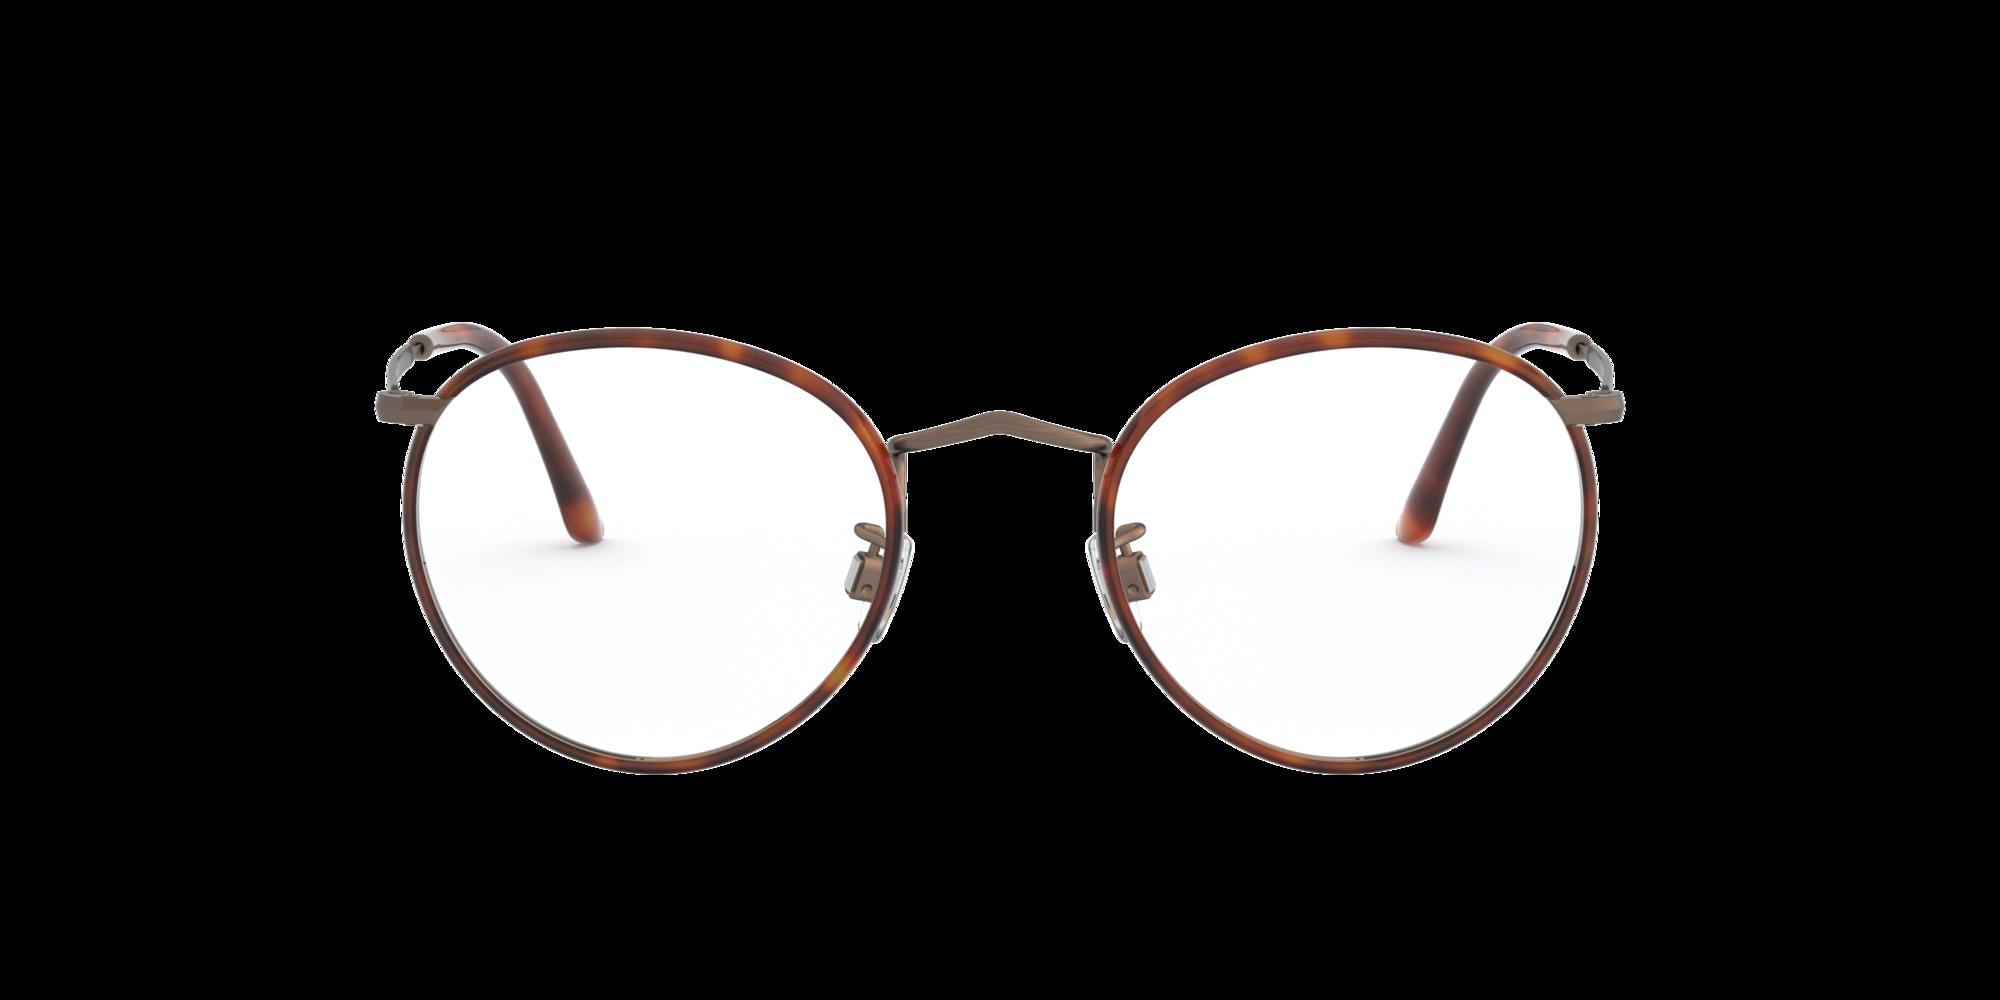 Imagen para AR 112MJ de LensCrafters |  Espejuelos, espejuelos graduados en línea, gafas